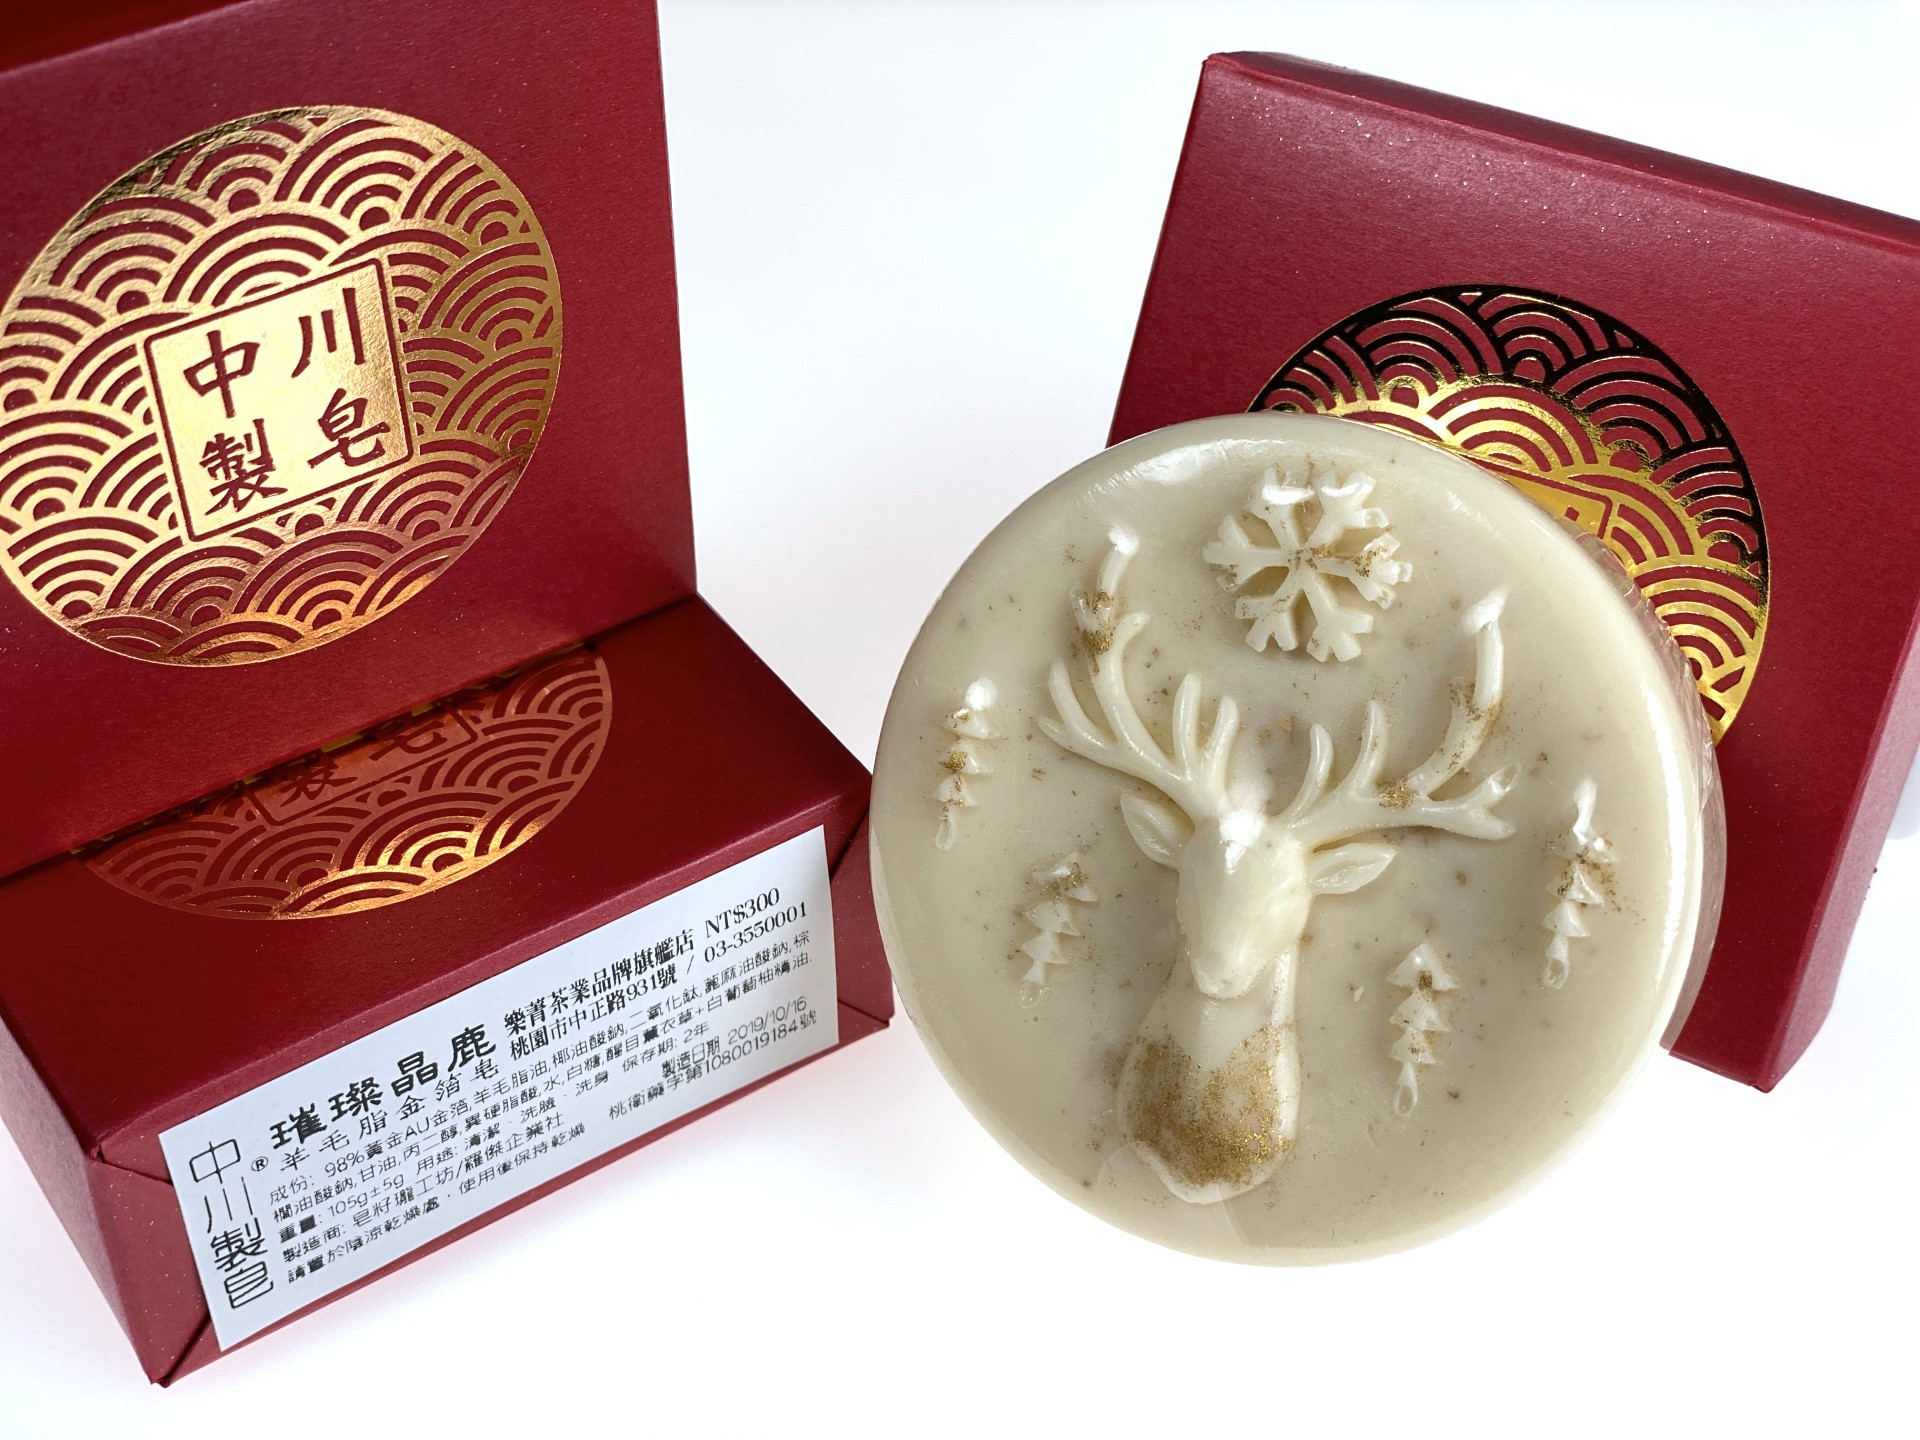 胺基酸金箔皂, 金箔皂, 麩胺酸鹽晶金箔皂,清潔皂